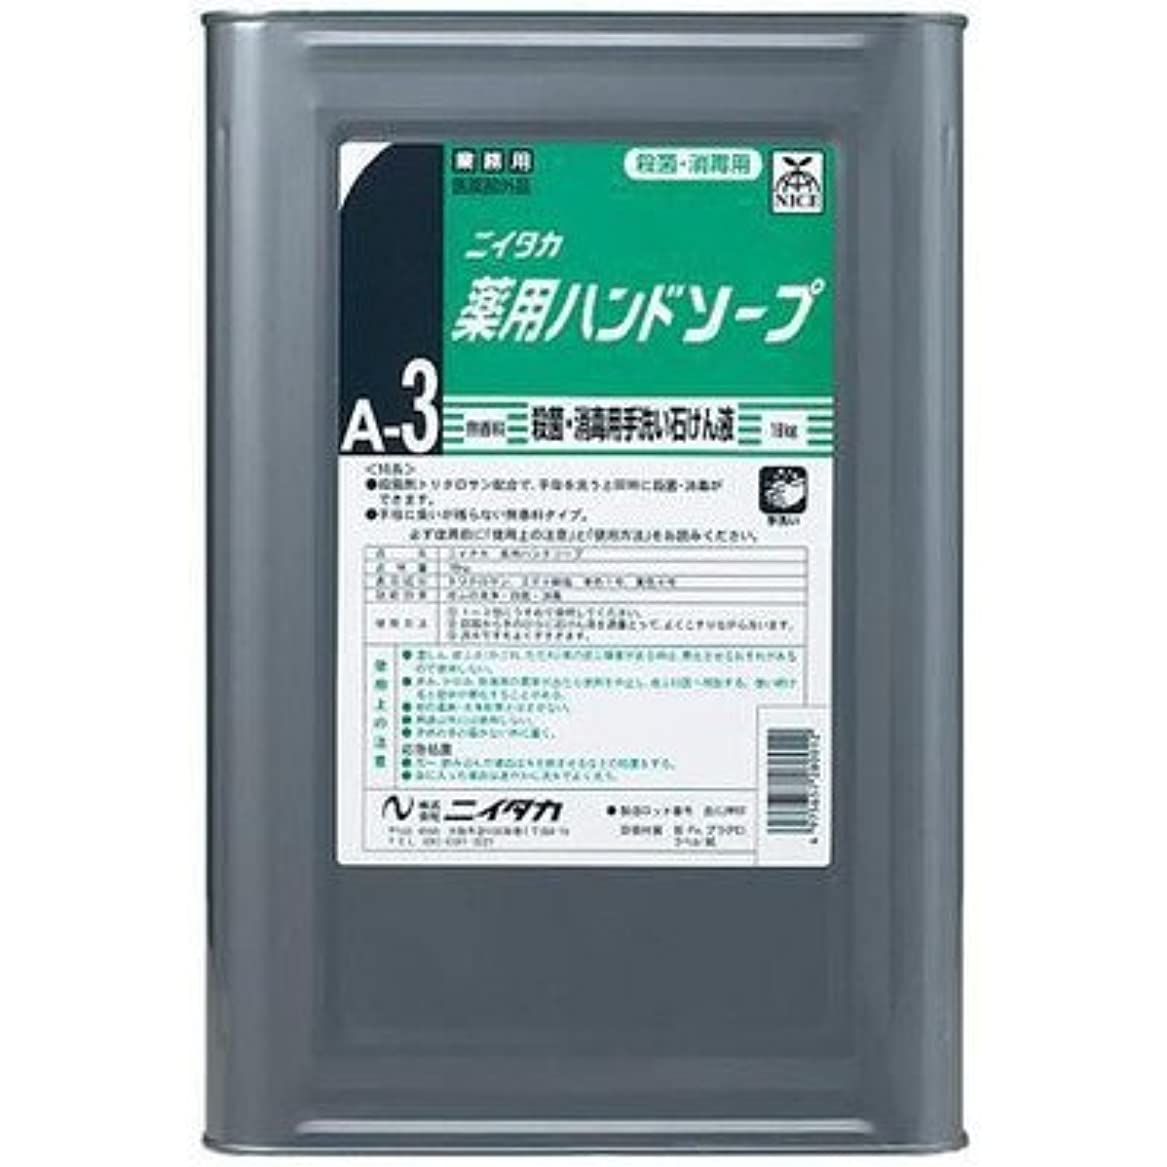 不純幅減少ニイタカ 業務用手洗い石けん液 薬用ハンドソープ(A-3) 18kg×1本